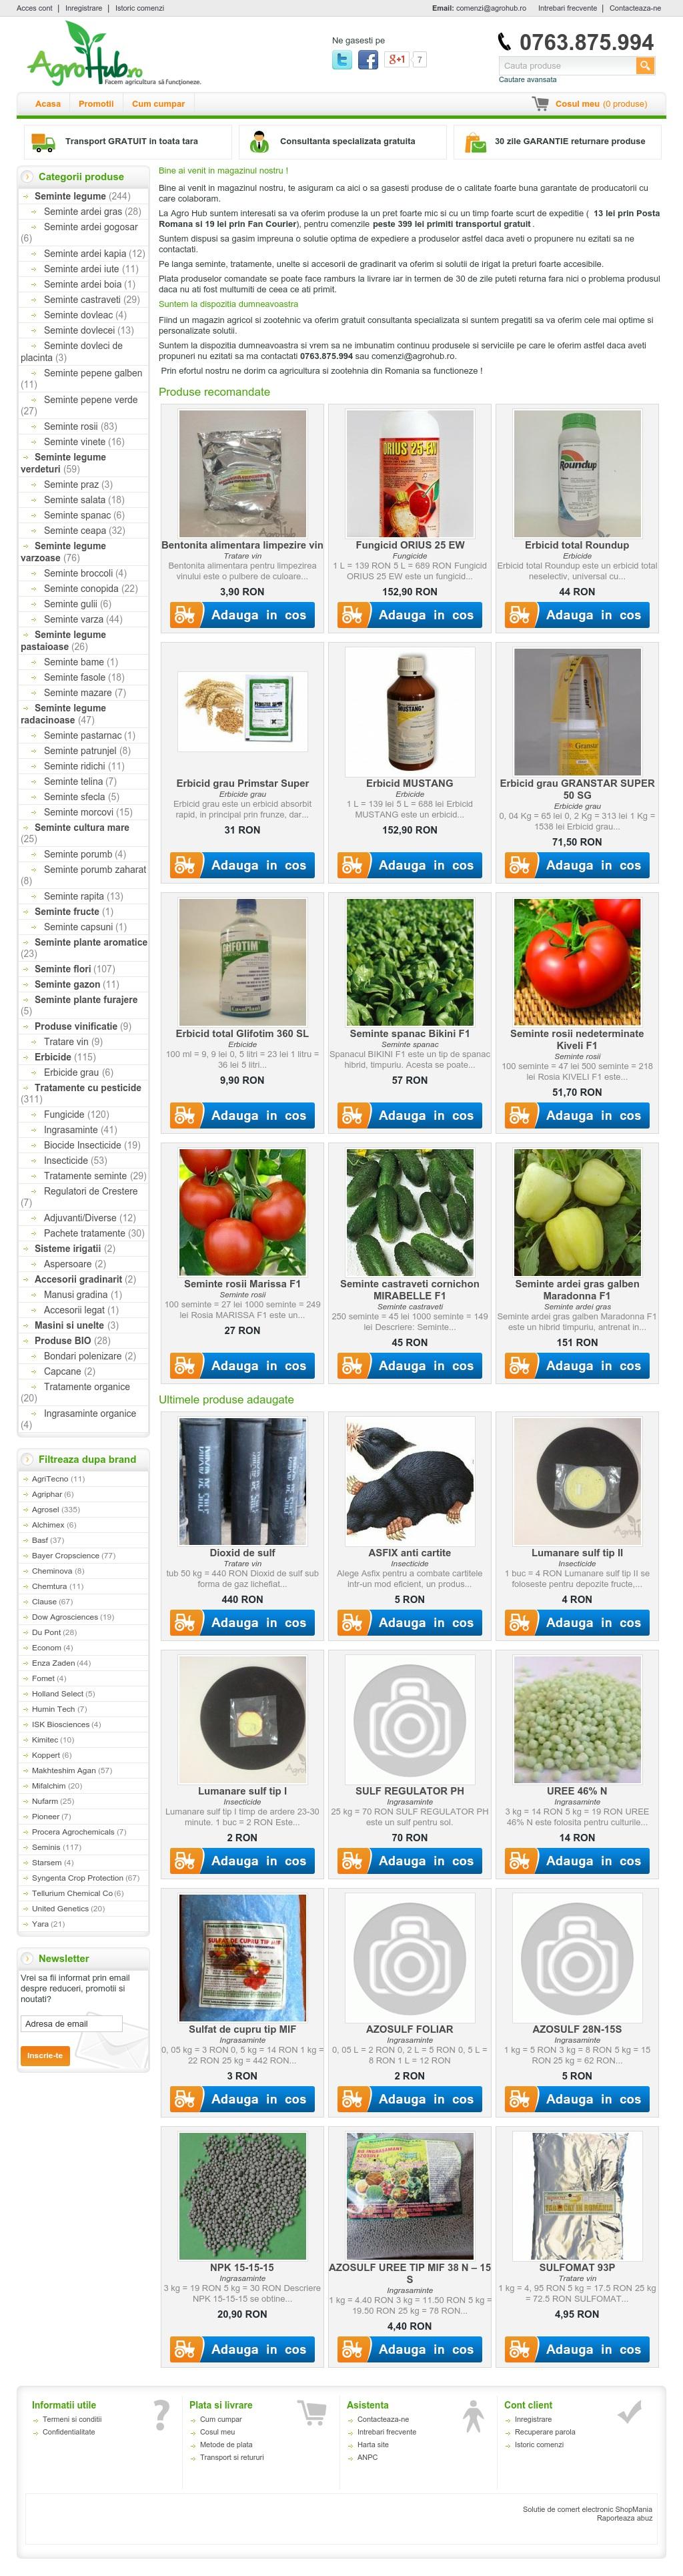 Agro Hub